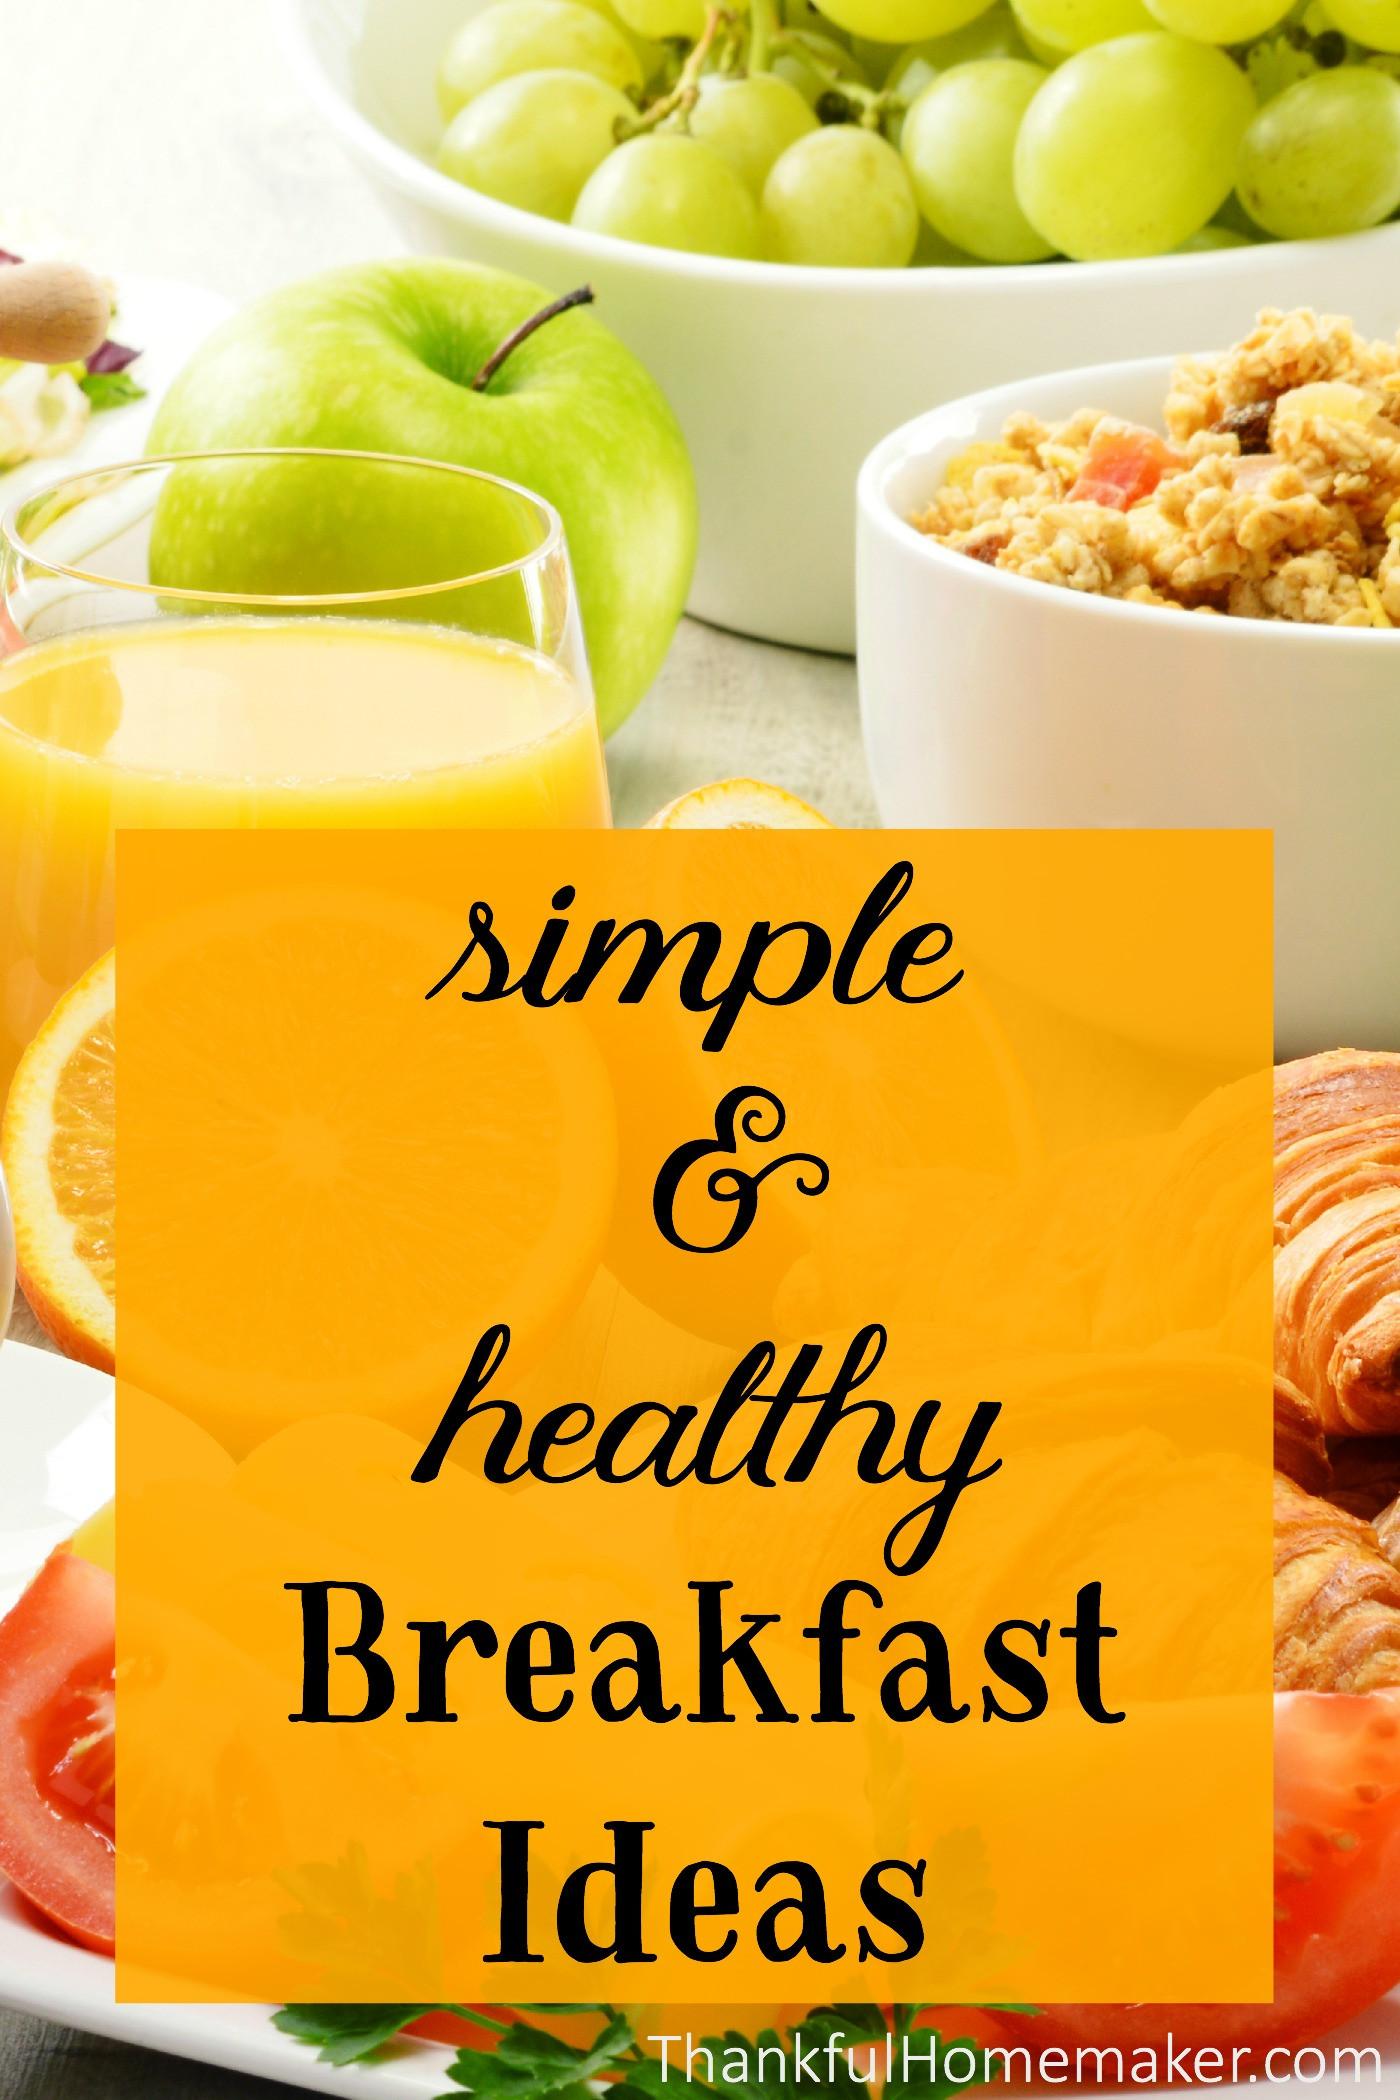 Simple Healthy Breakfast Ideas  Simple & Healthy Breakfast Ideas Thankful Homemaker